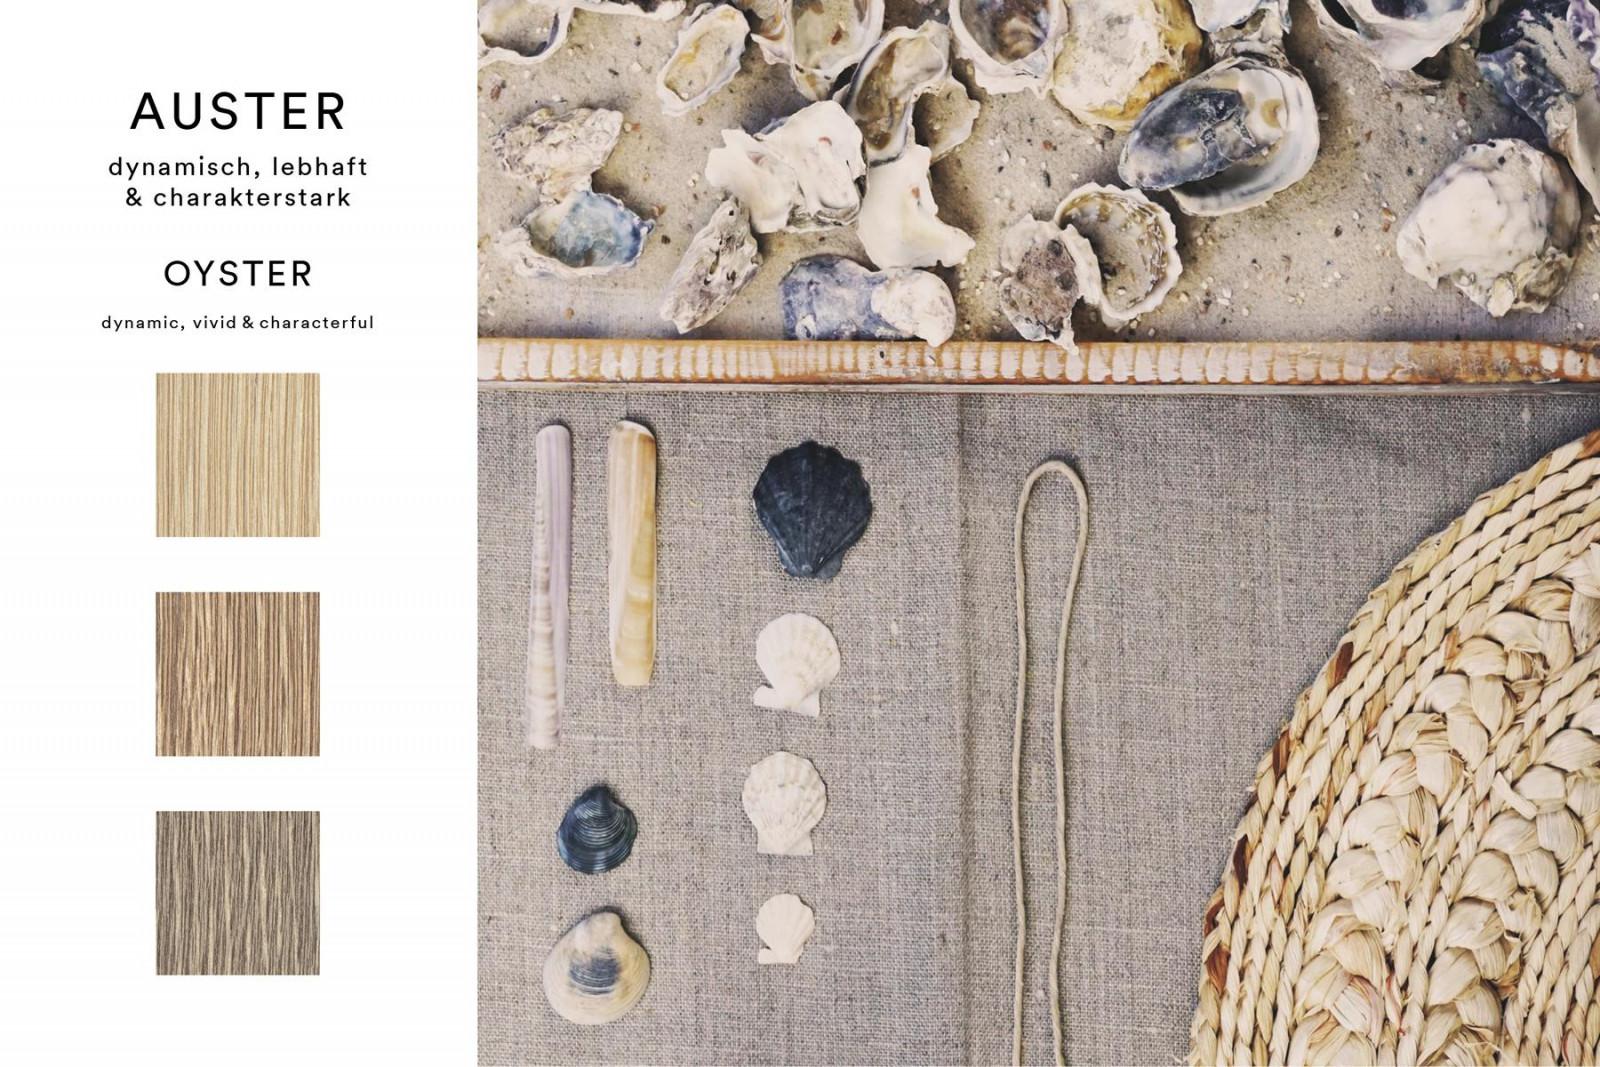 Auf einer einzelnen Austernschale spielen kräftige Grau- und Brauntöne auf engstem Raum mit Pastelltönen. Innerhalb der Farbfamilie findet sich dieses kontrastreiche Spiel zwischen den markanten, partiell eingesetzten, Weißpigmenten und dem ursprünglichen Holzfarbton wieder.